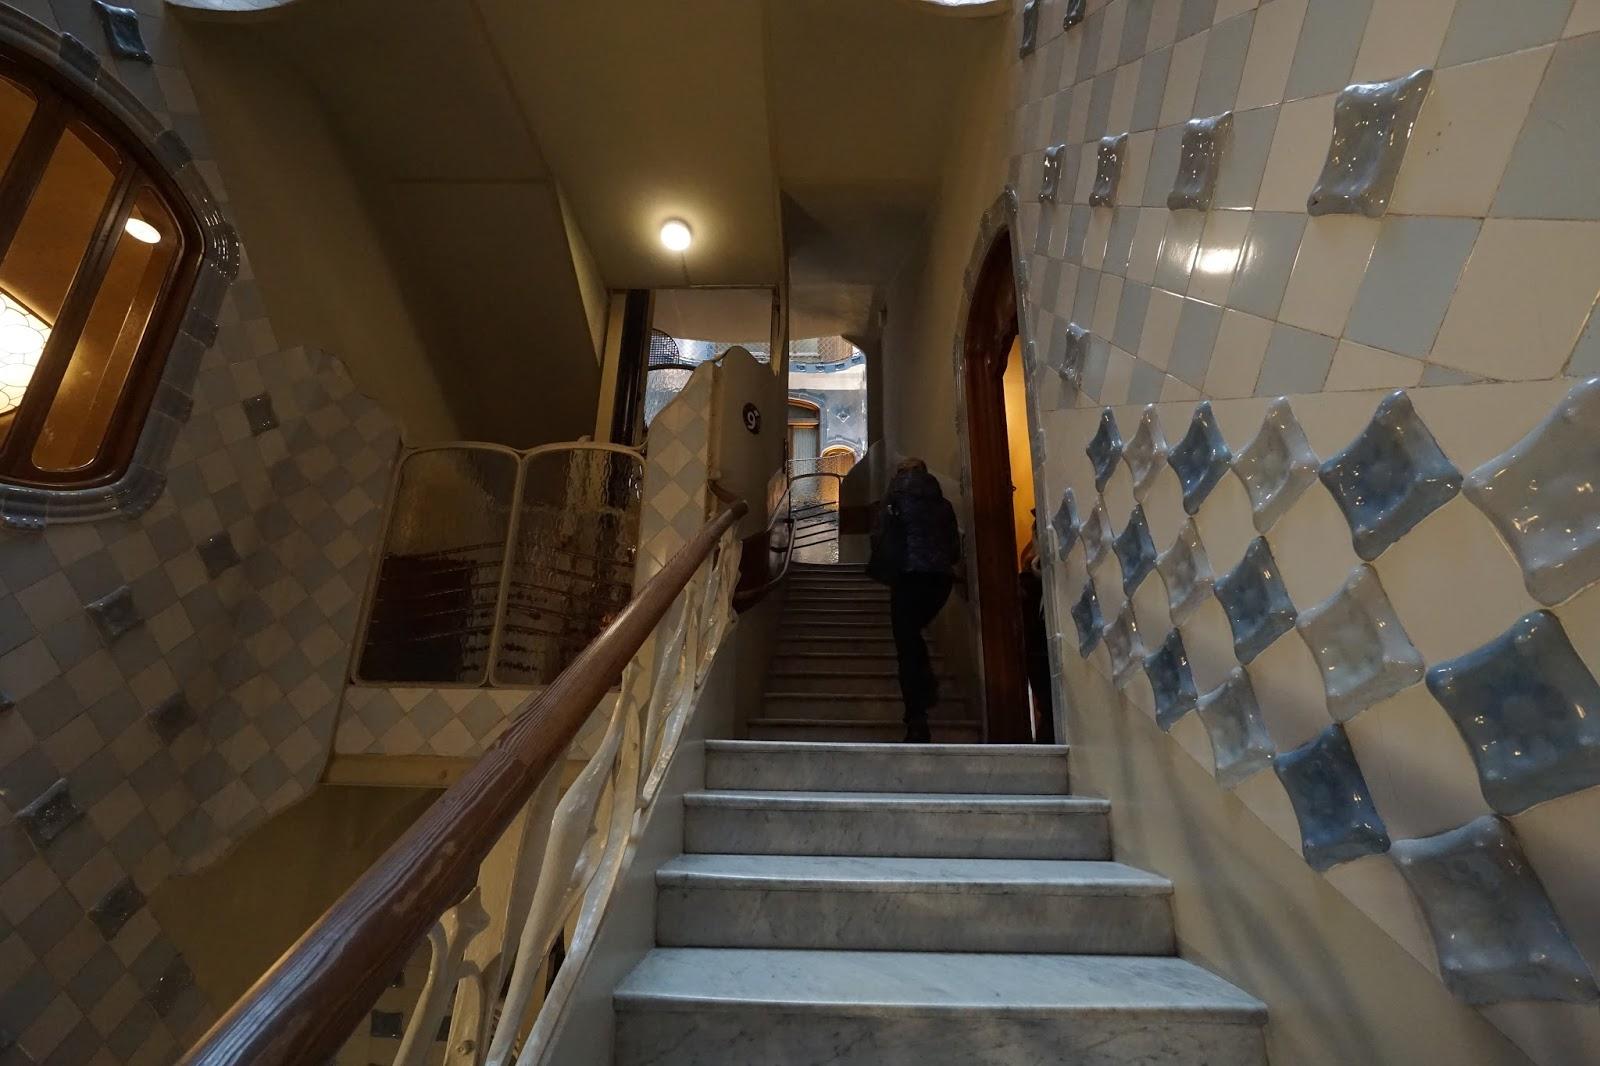 カサ・バトリョ(Casa Batlló)の階段(集合住宅)